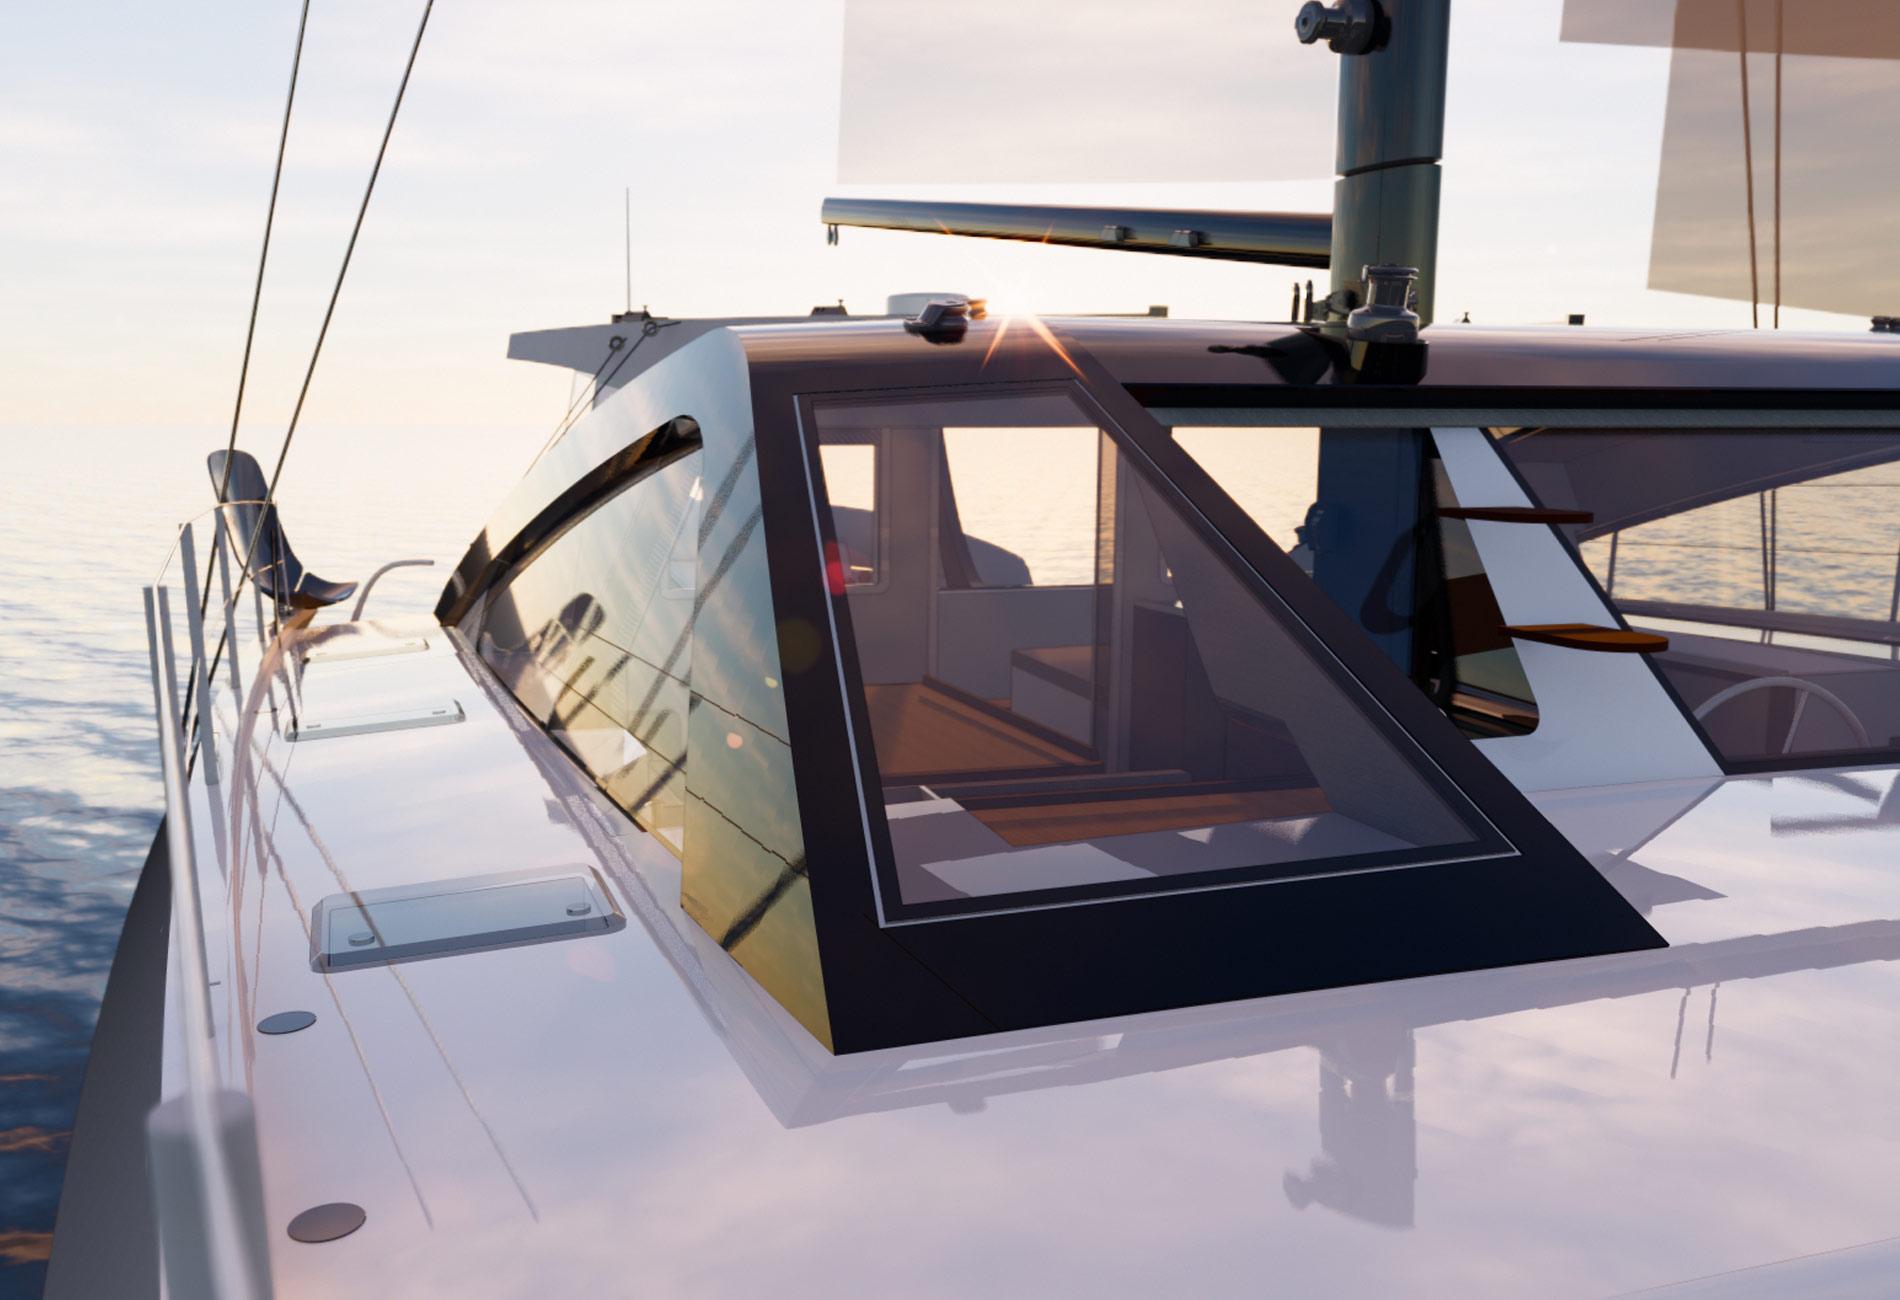 Adelaide50-Catamaran-de-voyage-grande-croisière-architecte-naval-Vincent-Lebailly